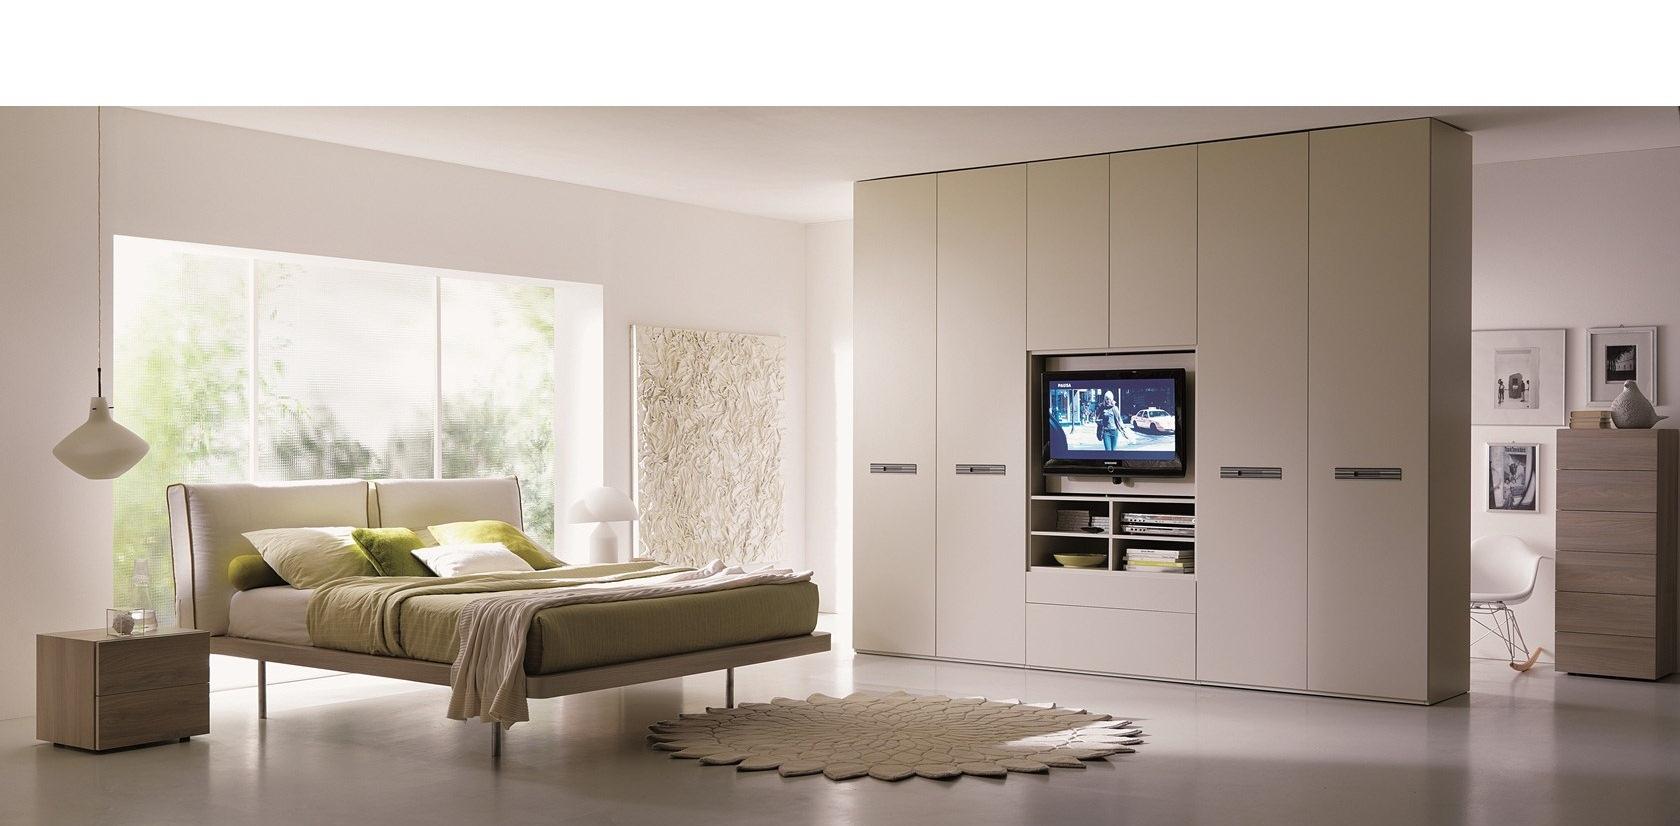 camera da letto con armadio porta tv sogno immagine spaziale